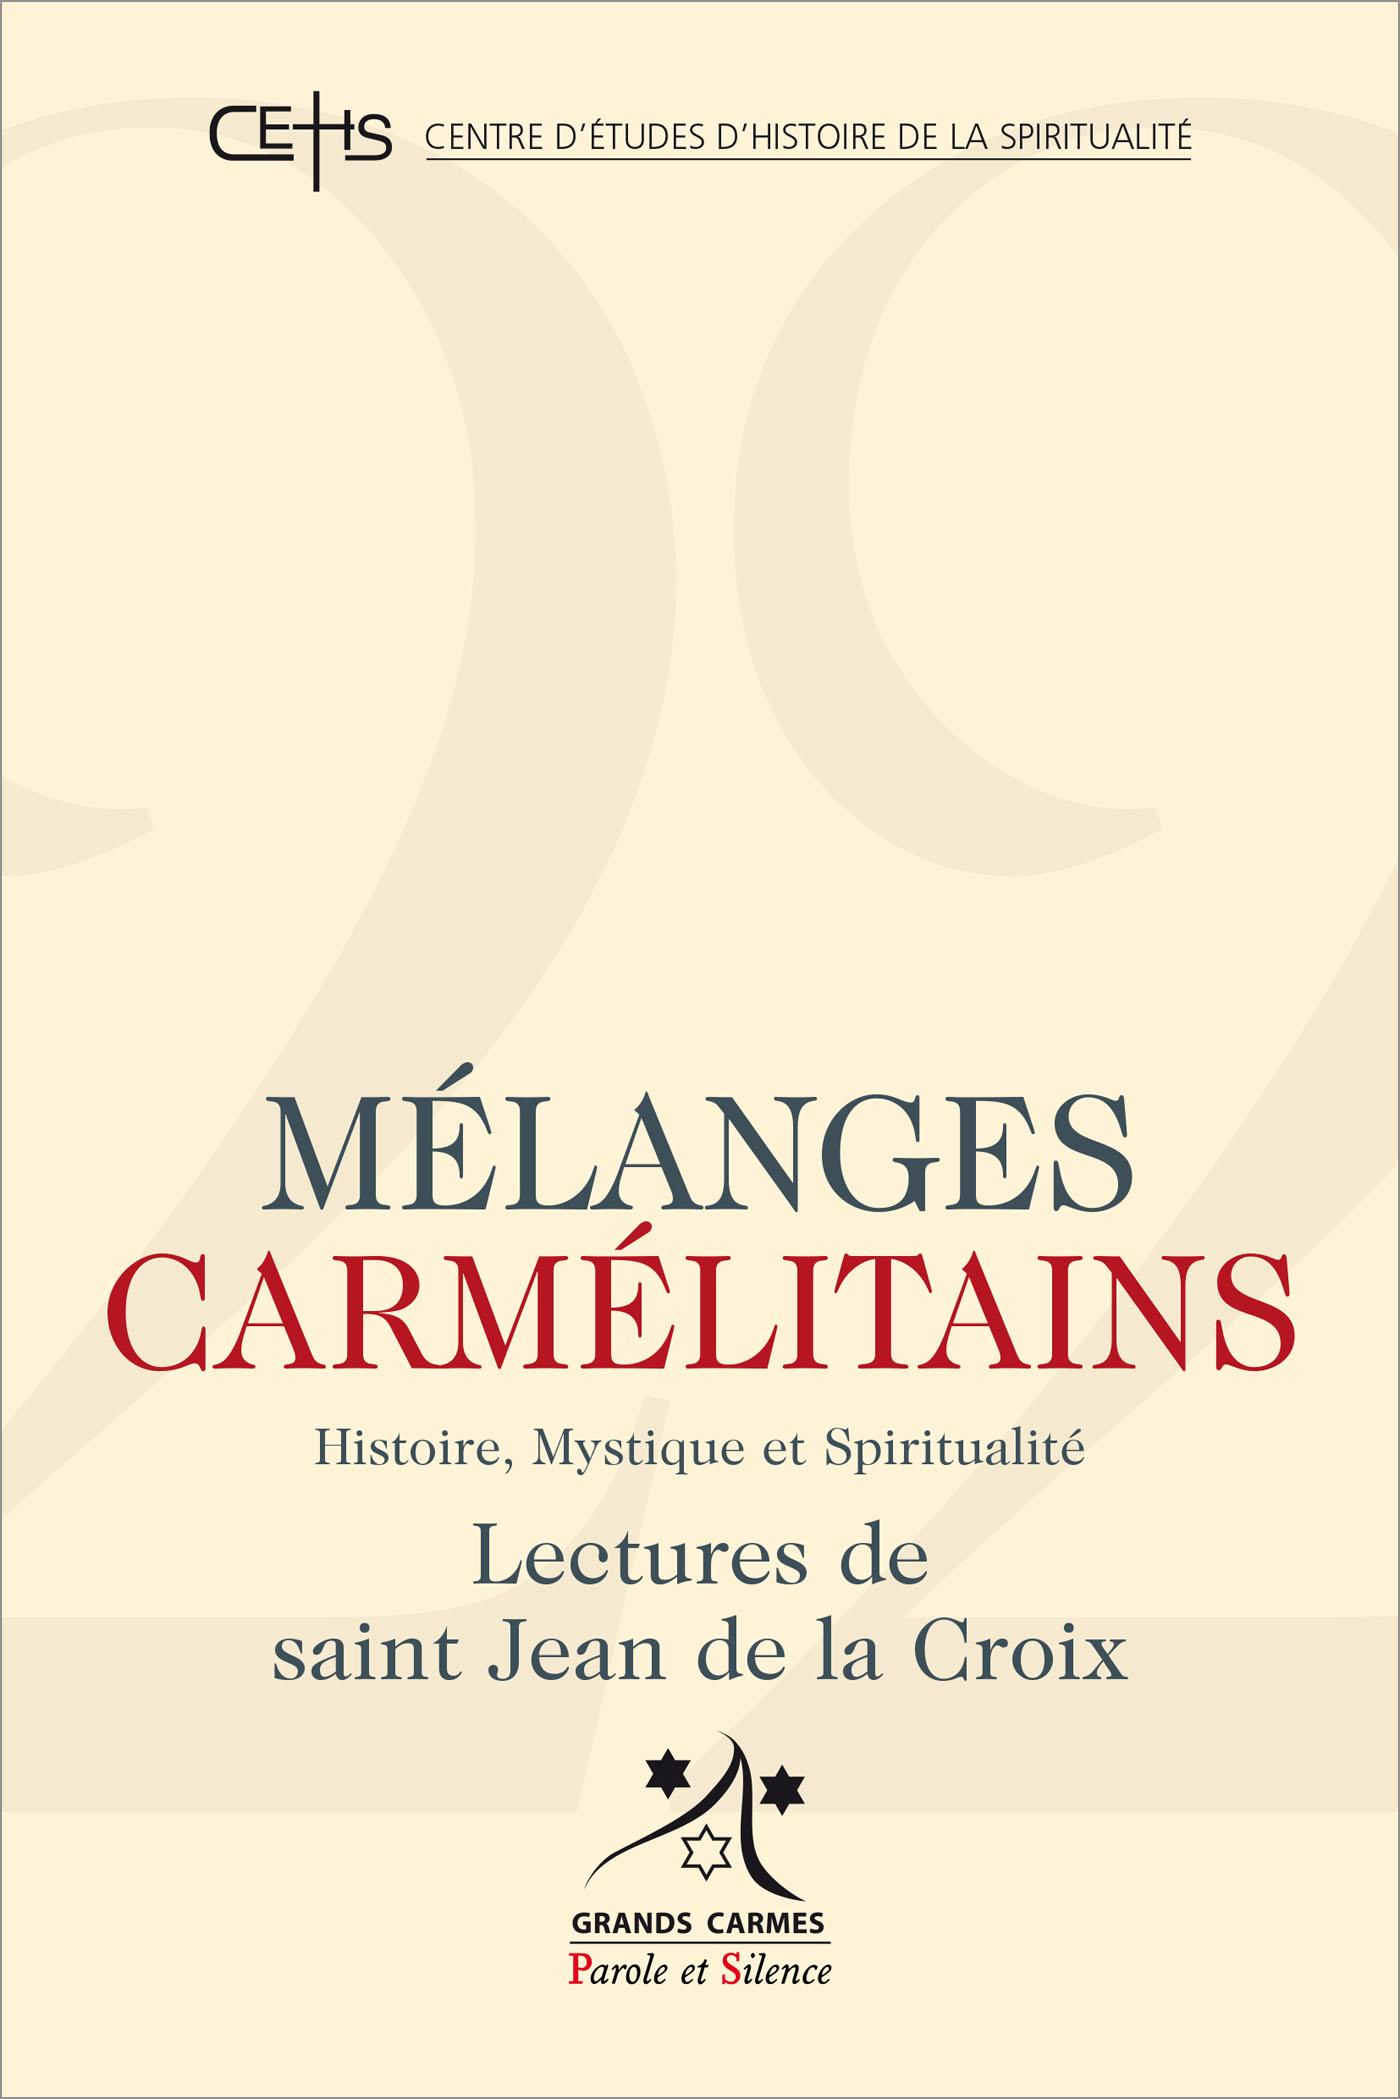 Mélanges carmélitains 22